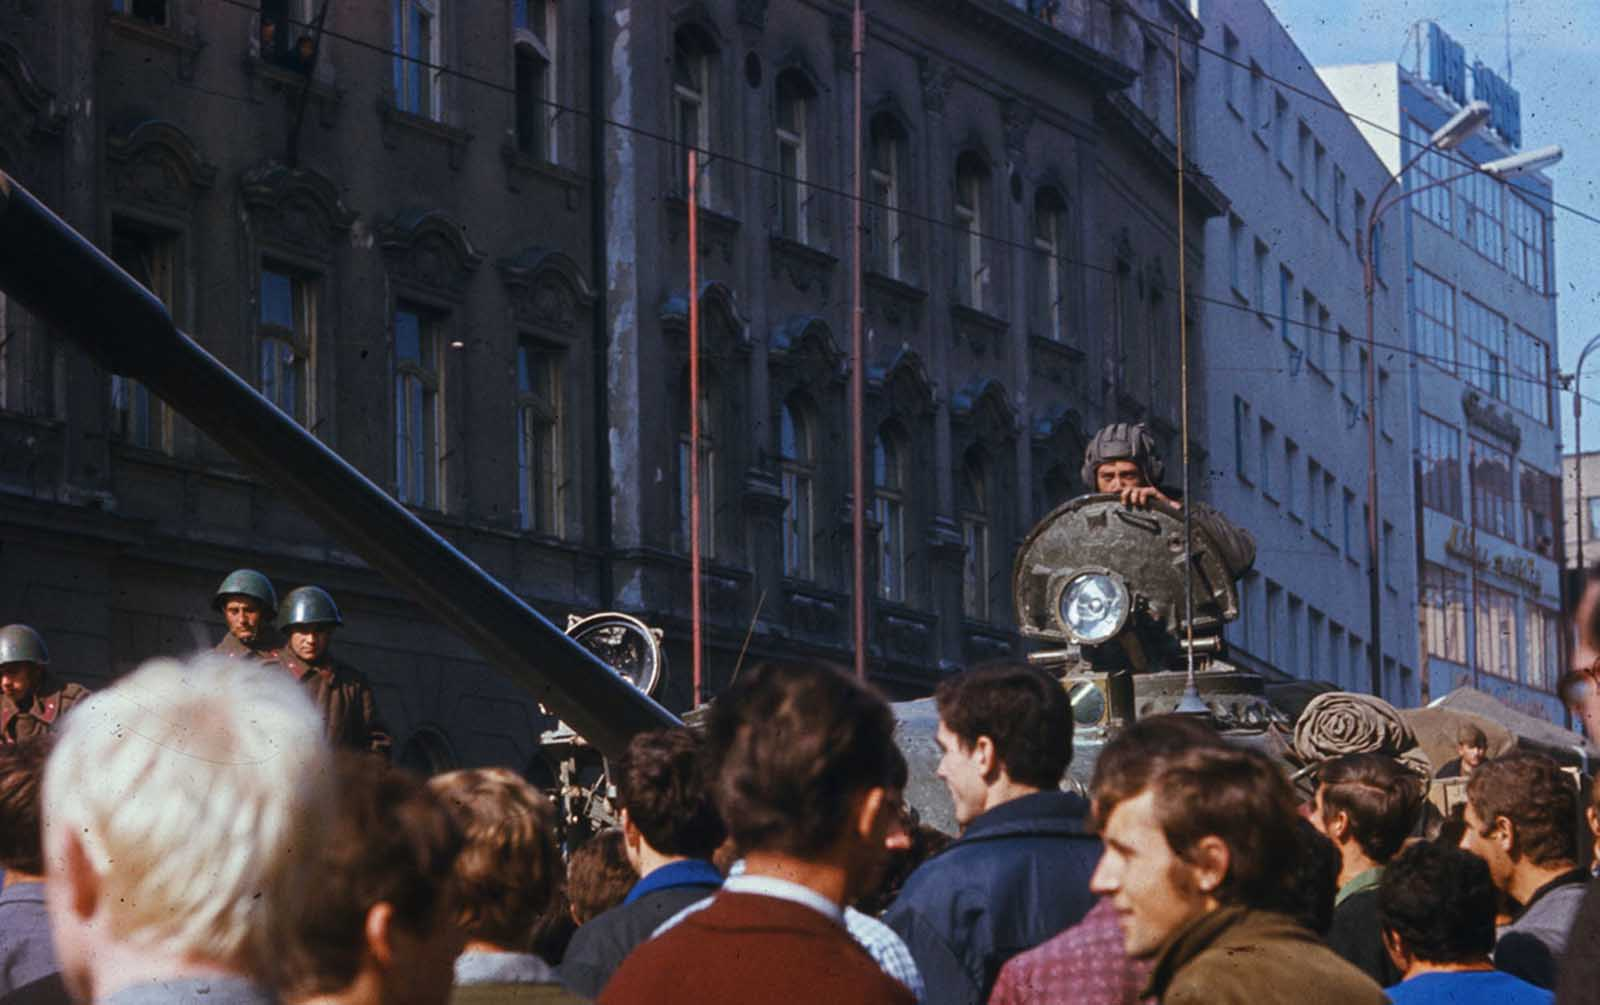 Czechs jeer a Soviet tank in downtown Prague.